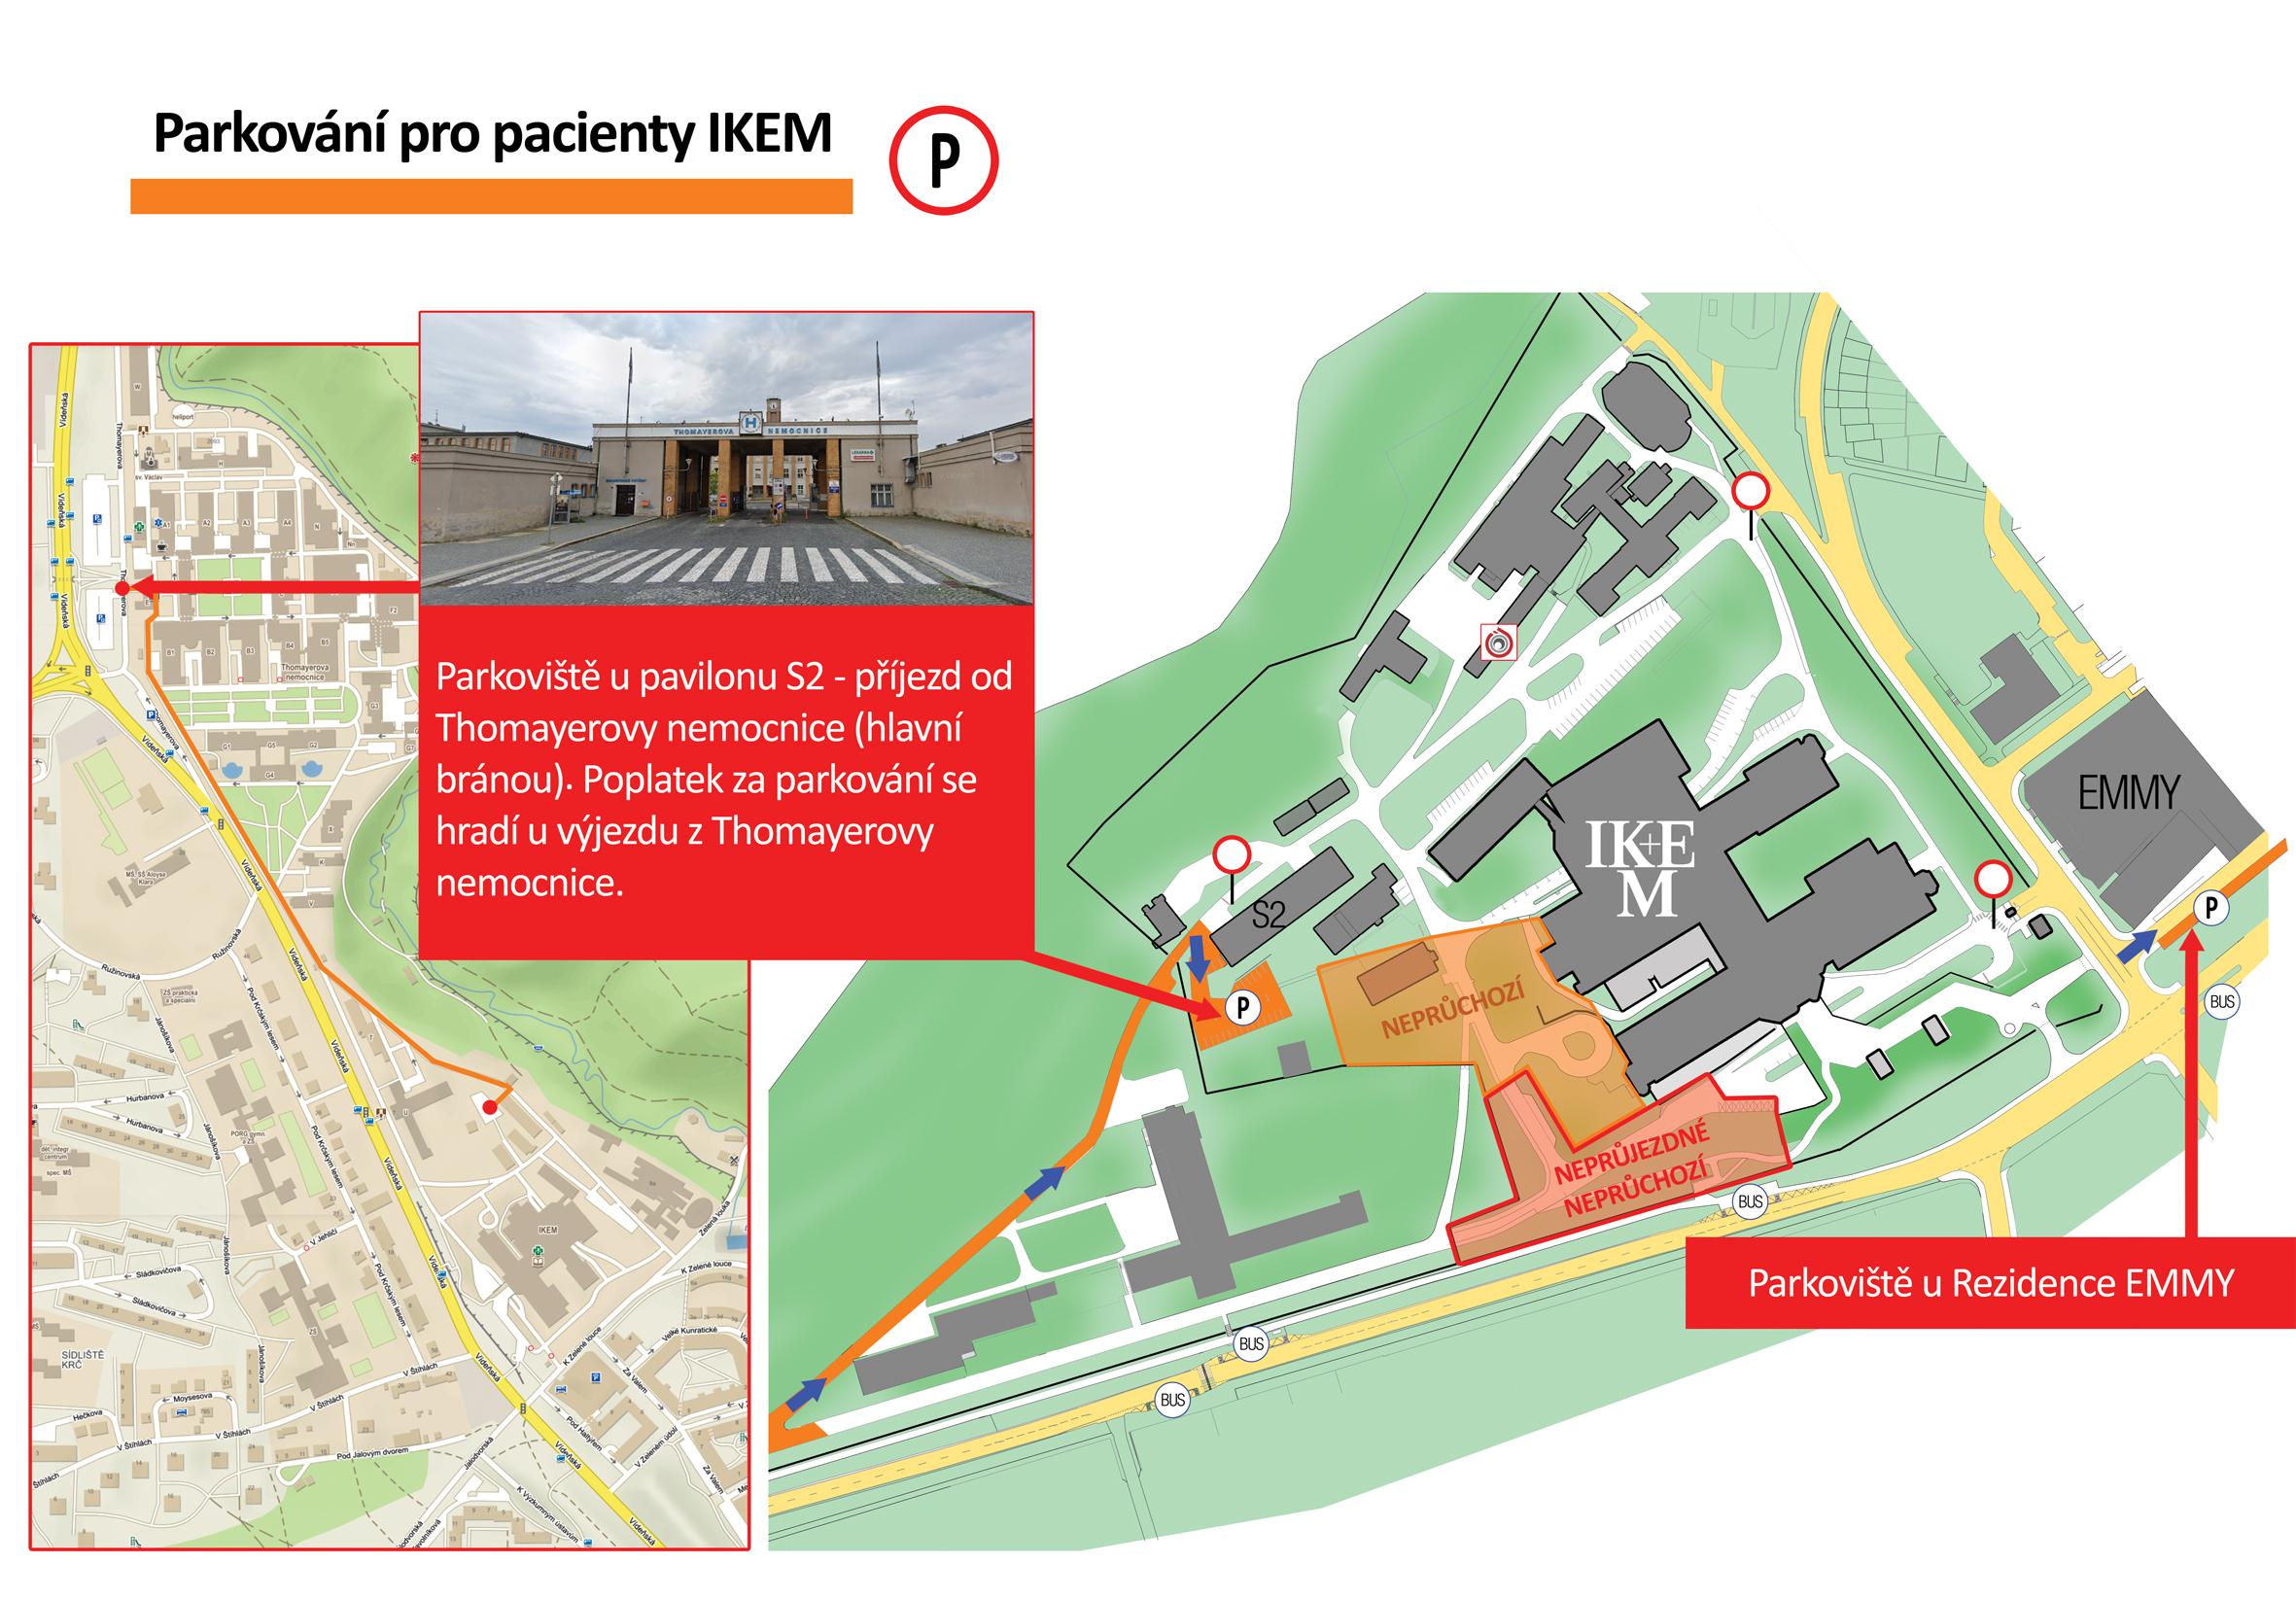 Plánek parkování pro pacienty IKEM